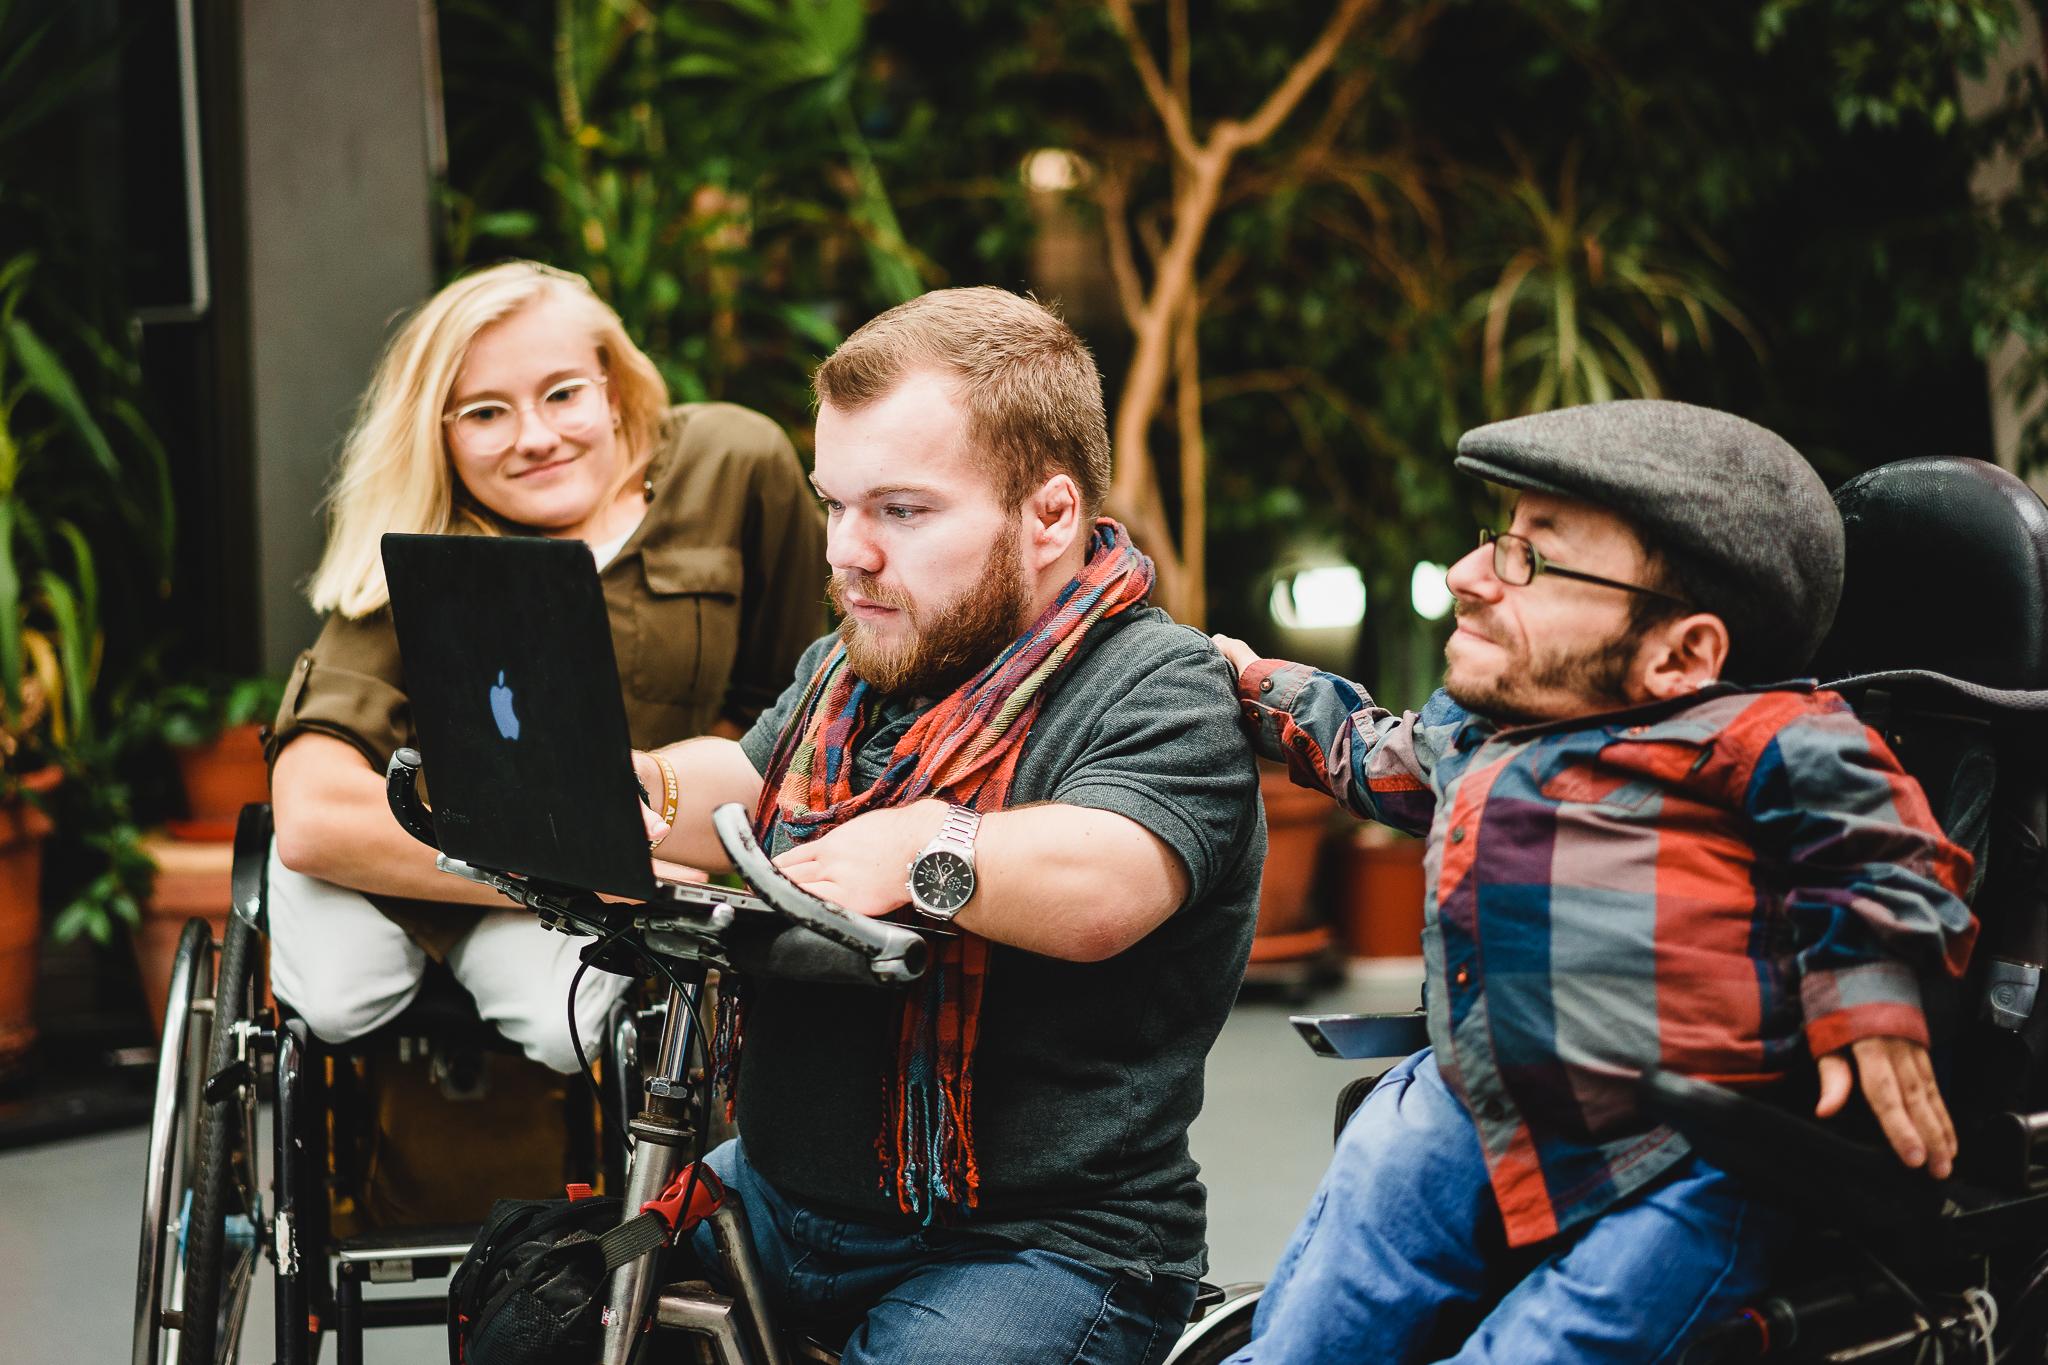 Jahresrückblick 2016 – Berichterstattung über Menschen mit Behinderung